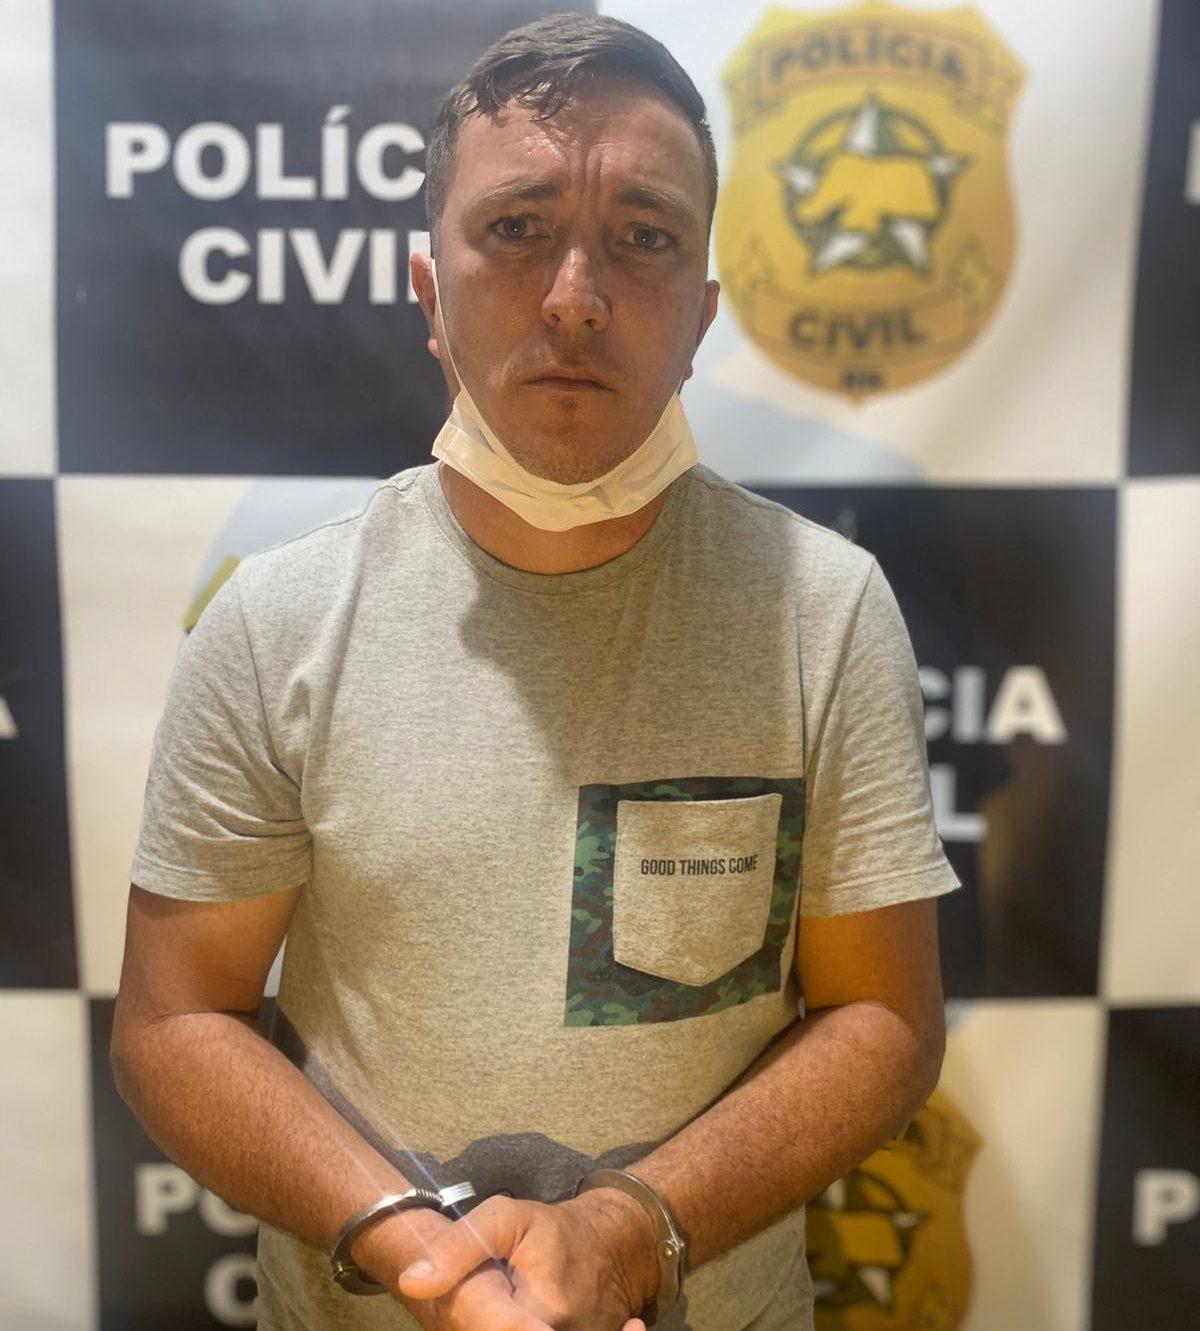 Polícia Civil prende suspeito de integrar organização criminosa em Natal